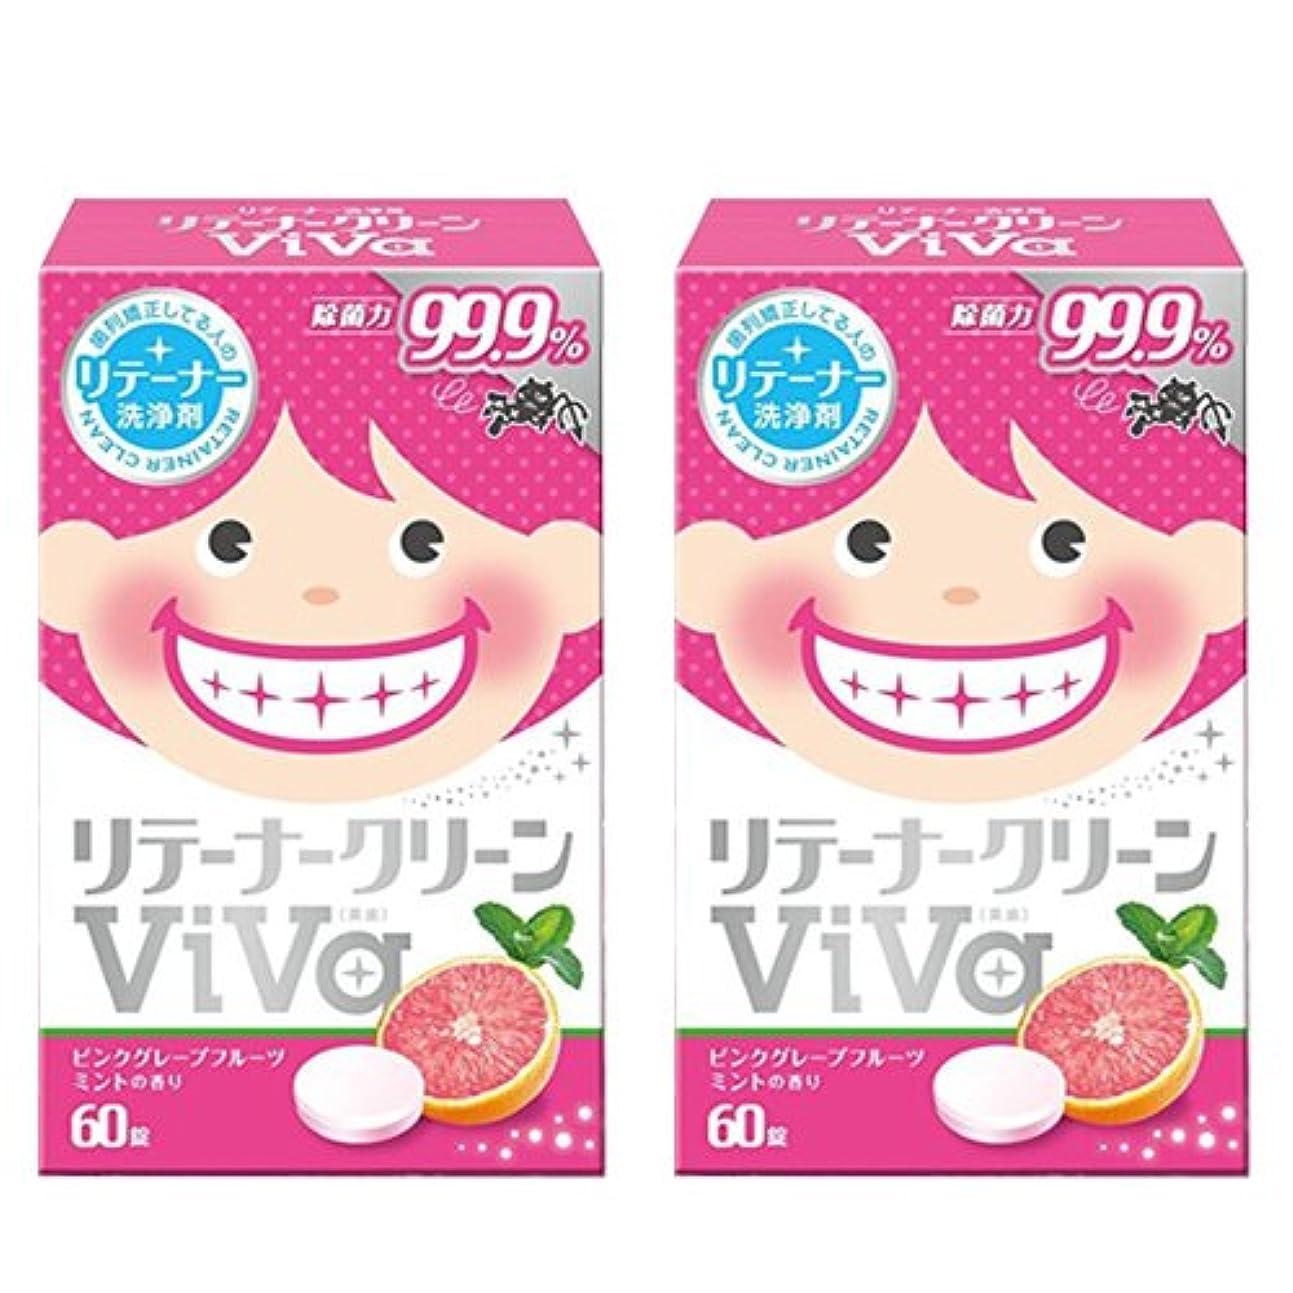 多様なプール同意するリテーナークリーン ViVa(美歯)60錠入×2箱